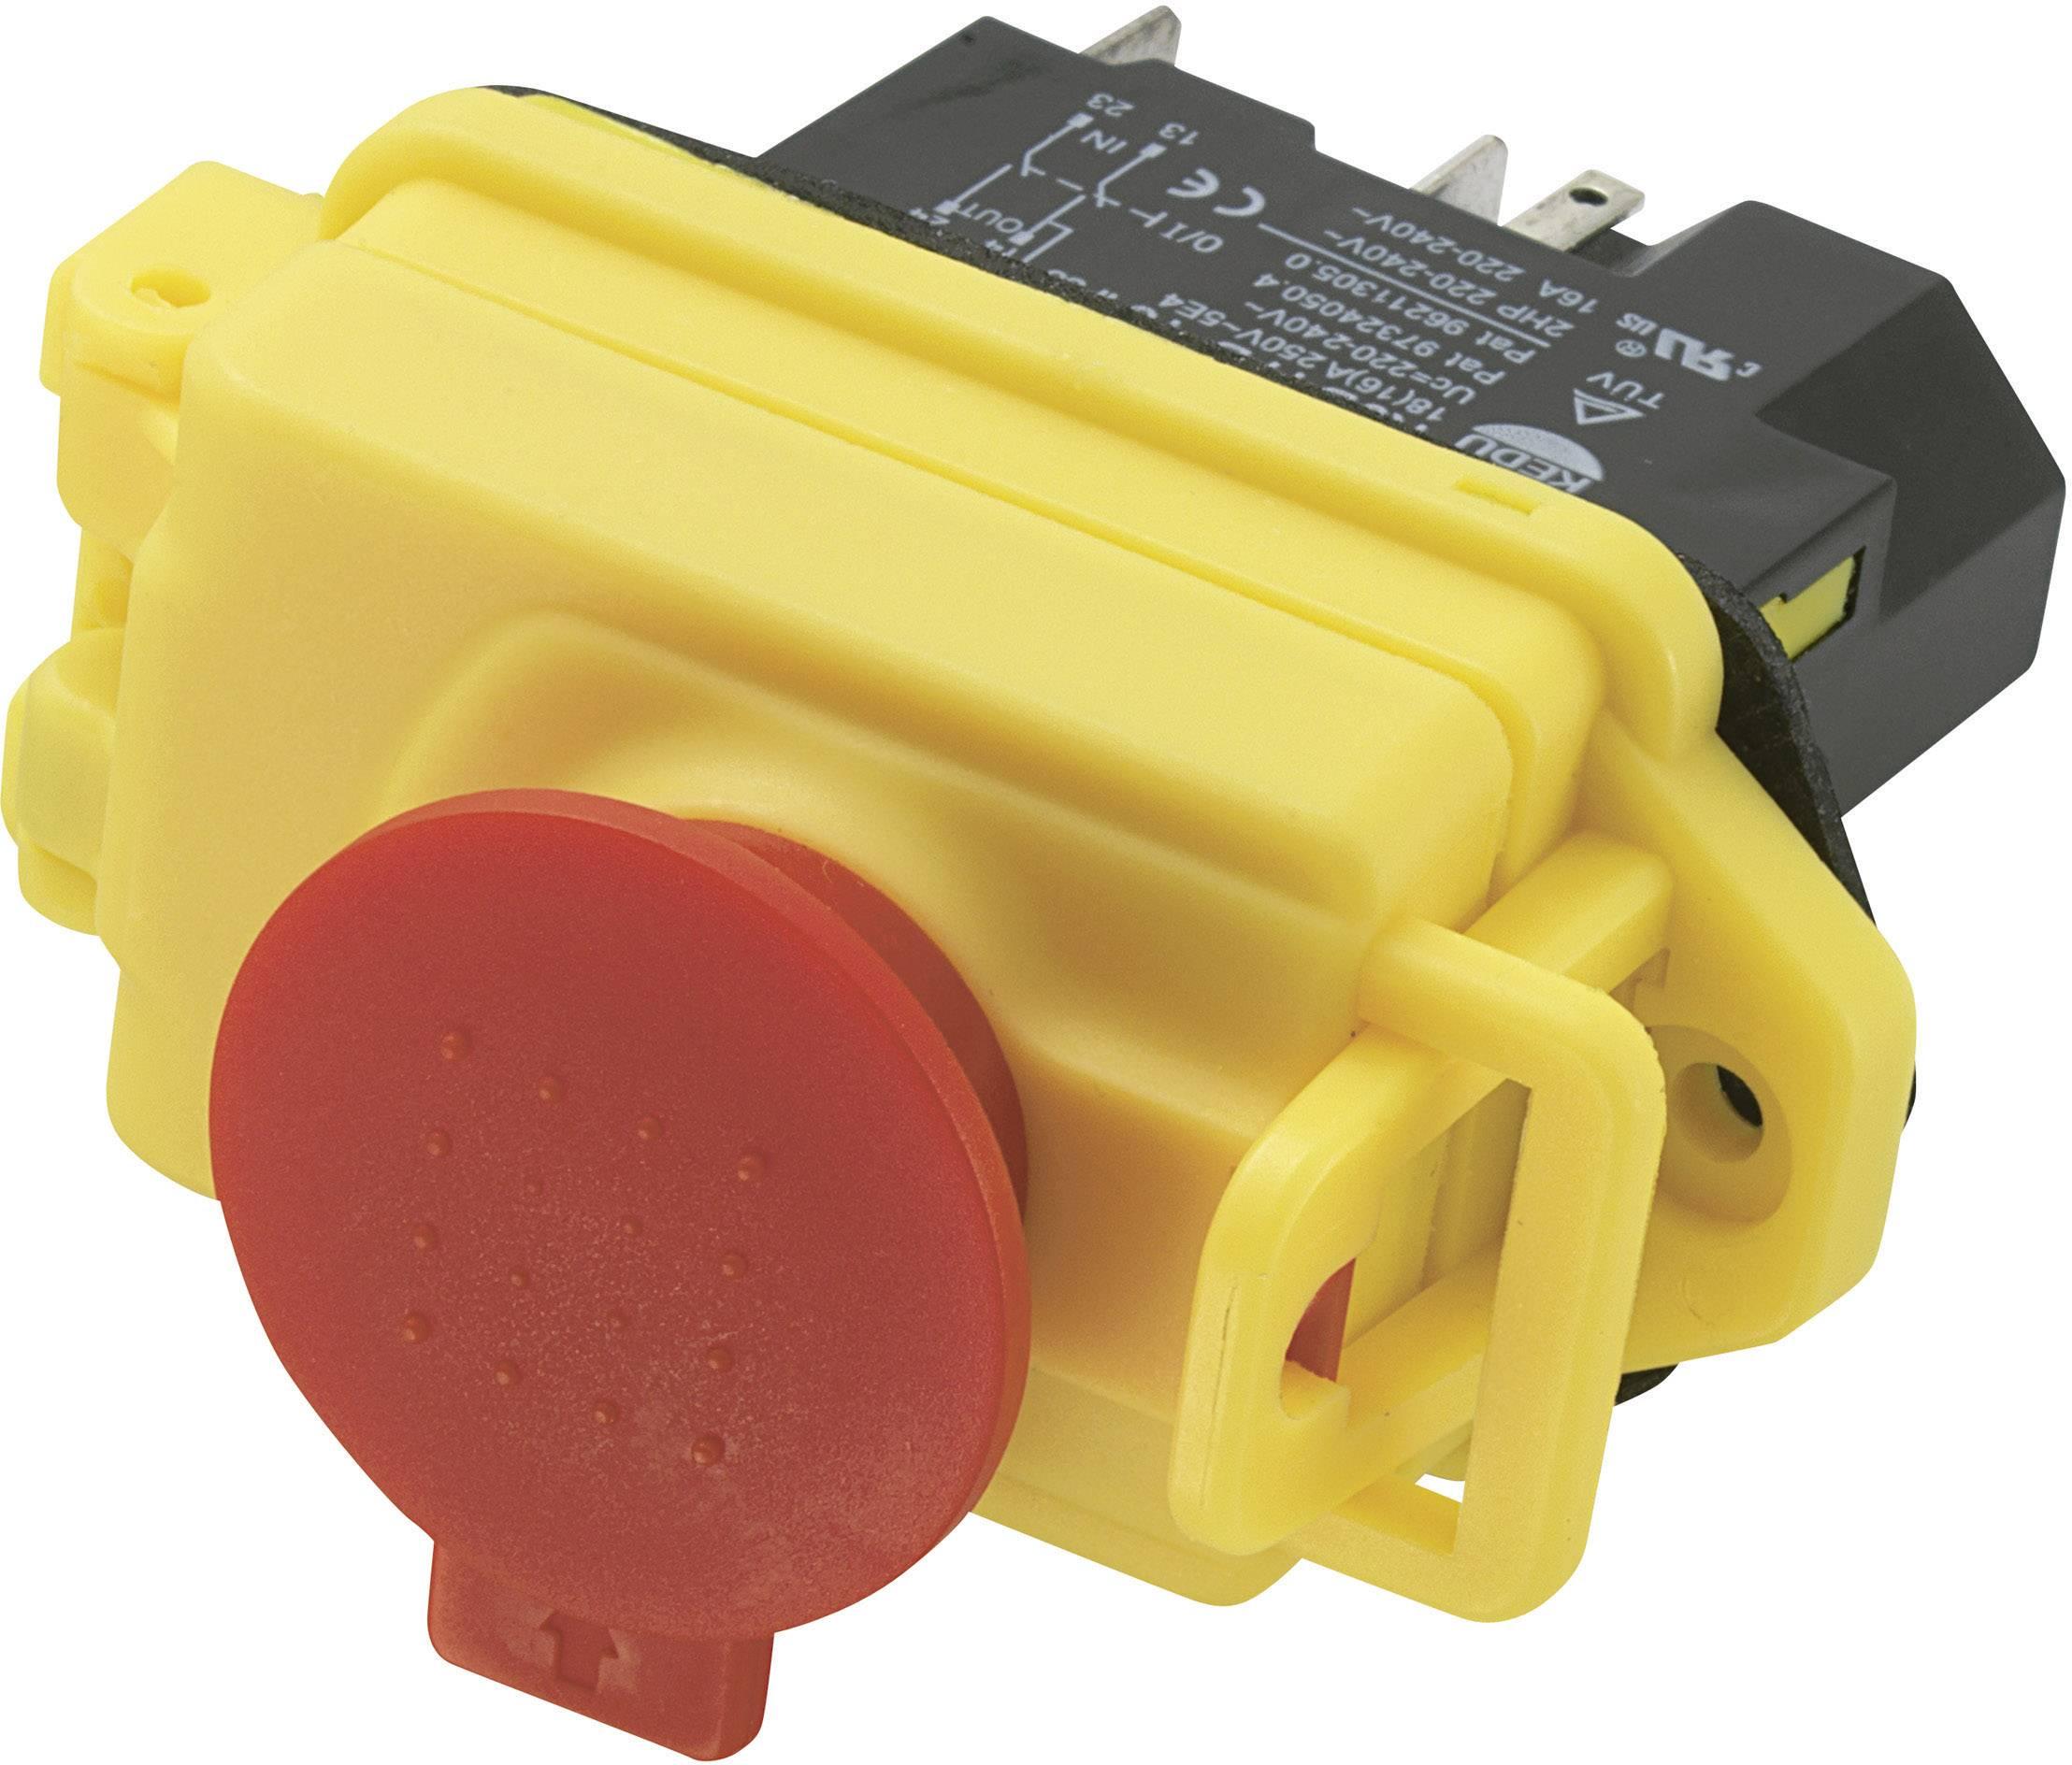 Elektromagnetický přepínač KJD17B-16, 250 V/AC, 18 A, 1x vyp/zap